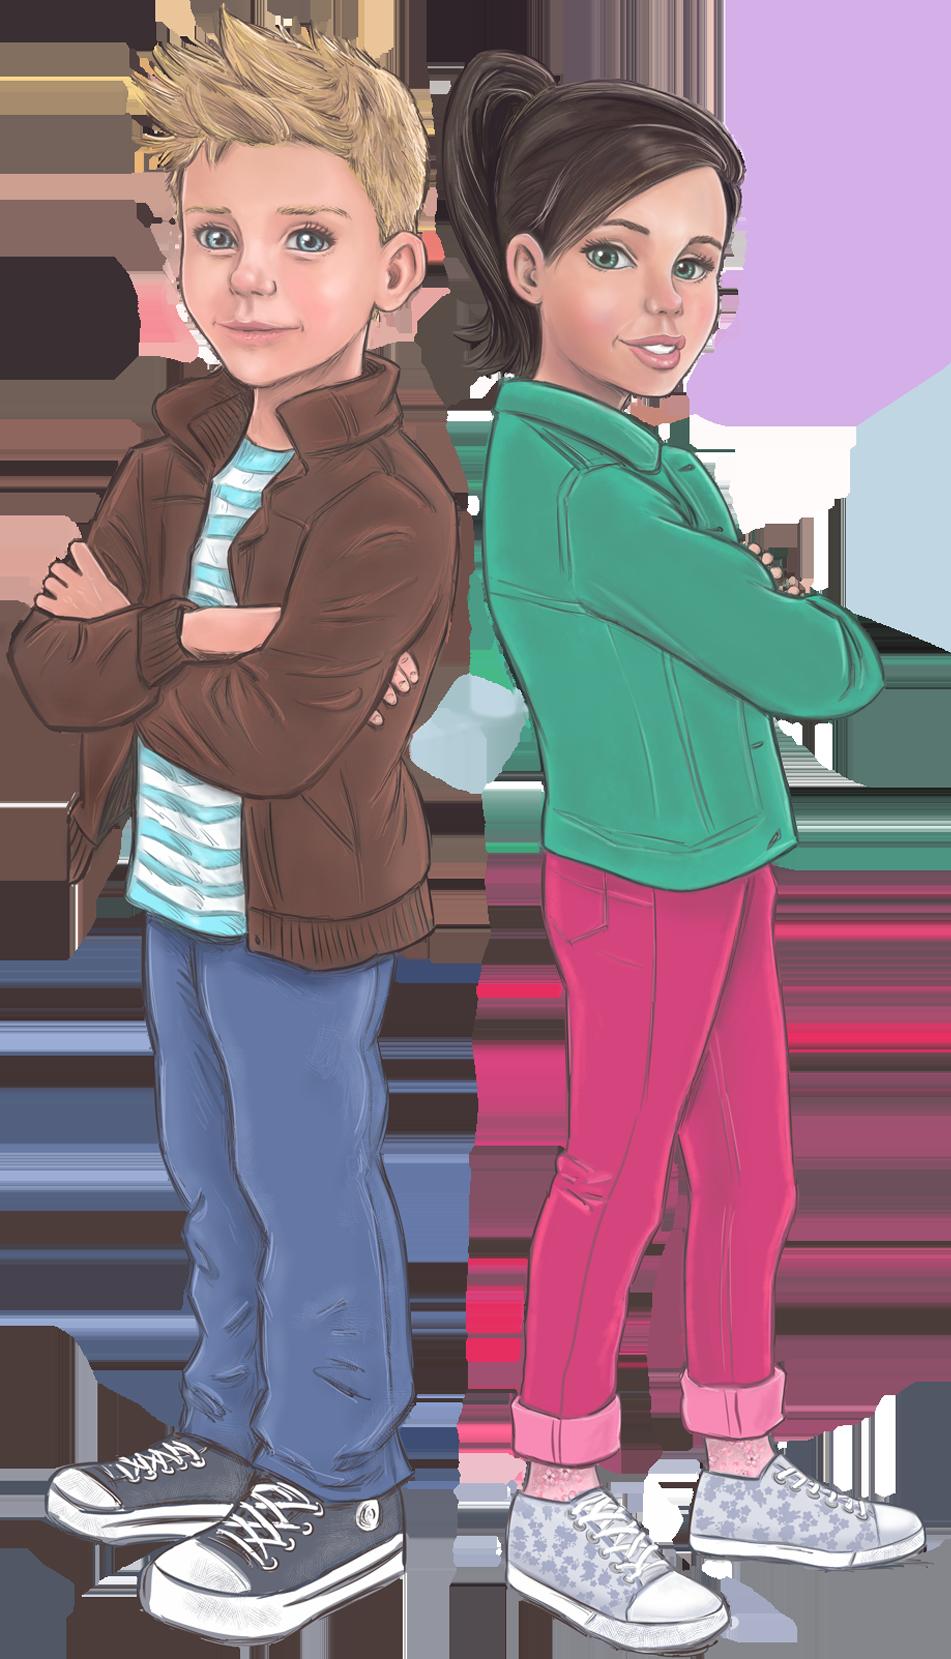 Illustratie jongen - meisje